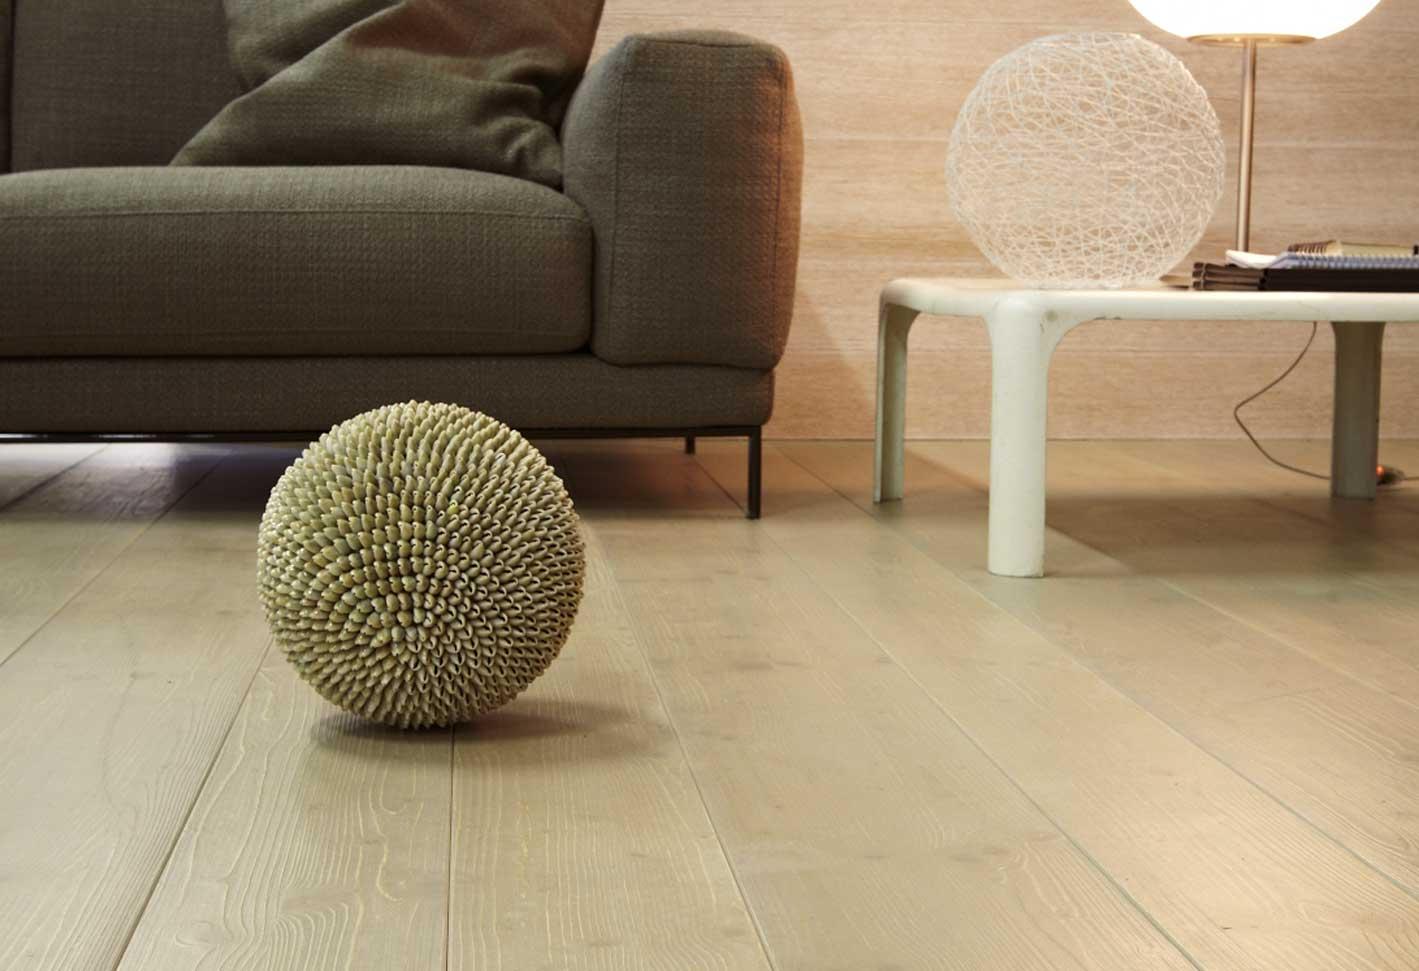 primo piano di un divano con pavimento in legno e oggetti da casa